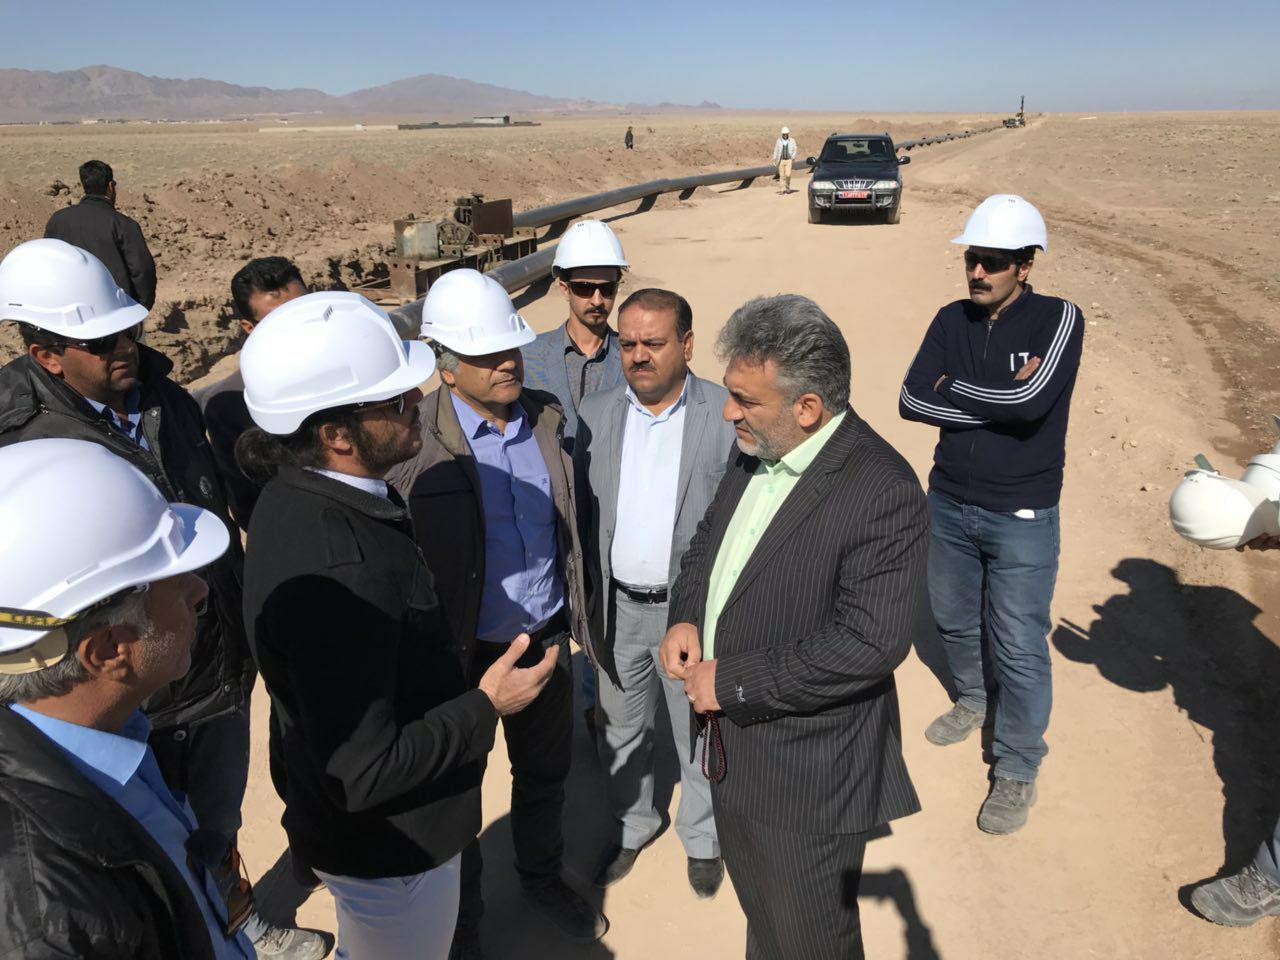 بازديدفرماندار نهبندان از پروژه انتقال گاز از سربيشه به نهبندان